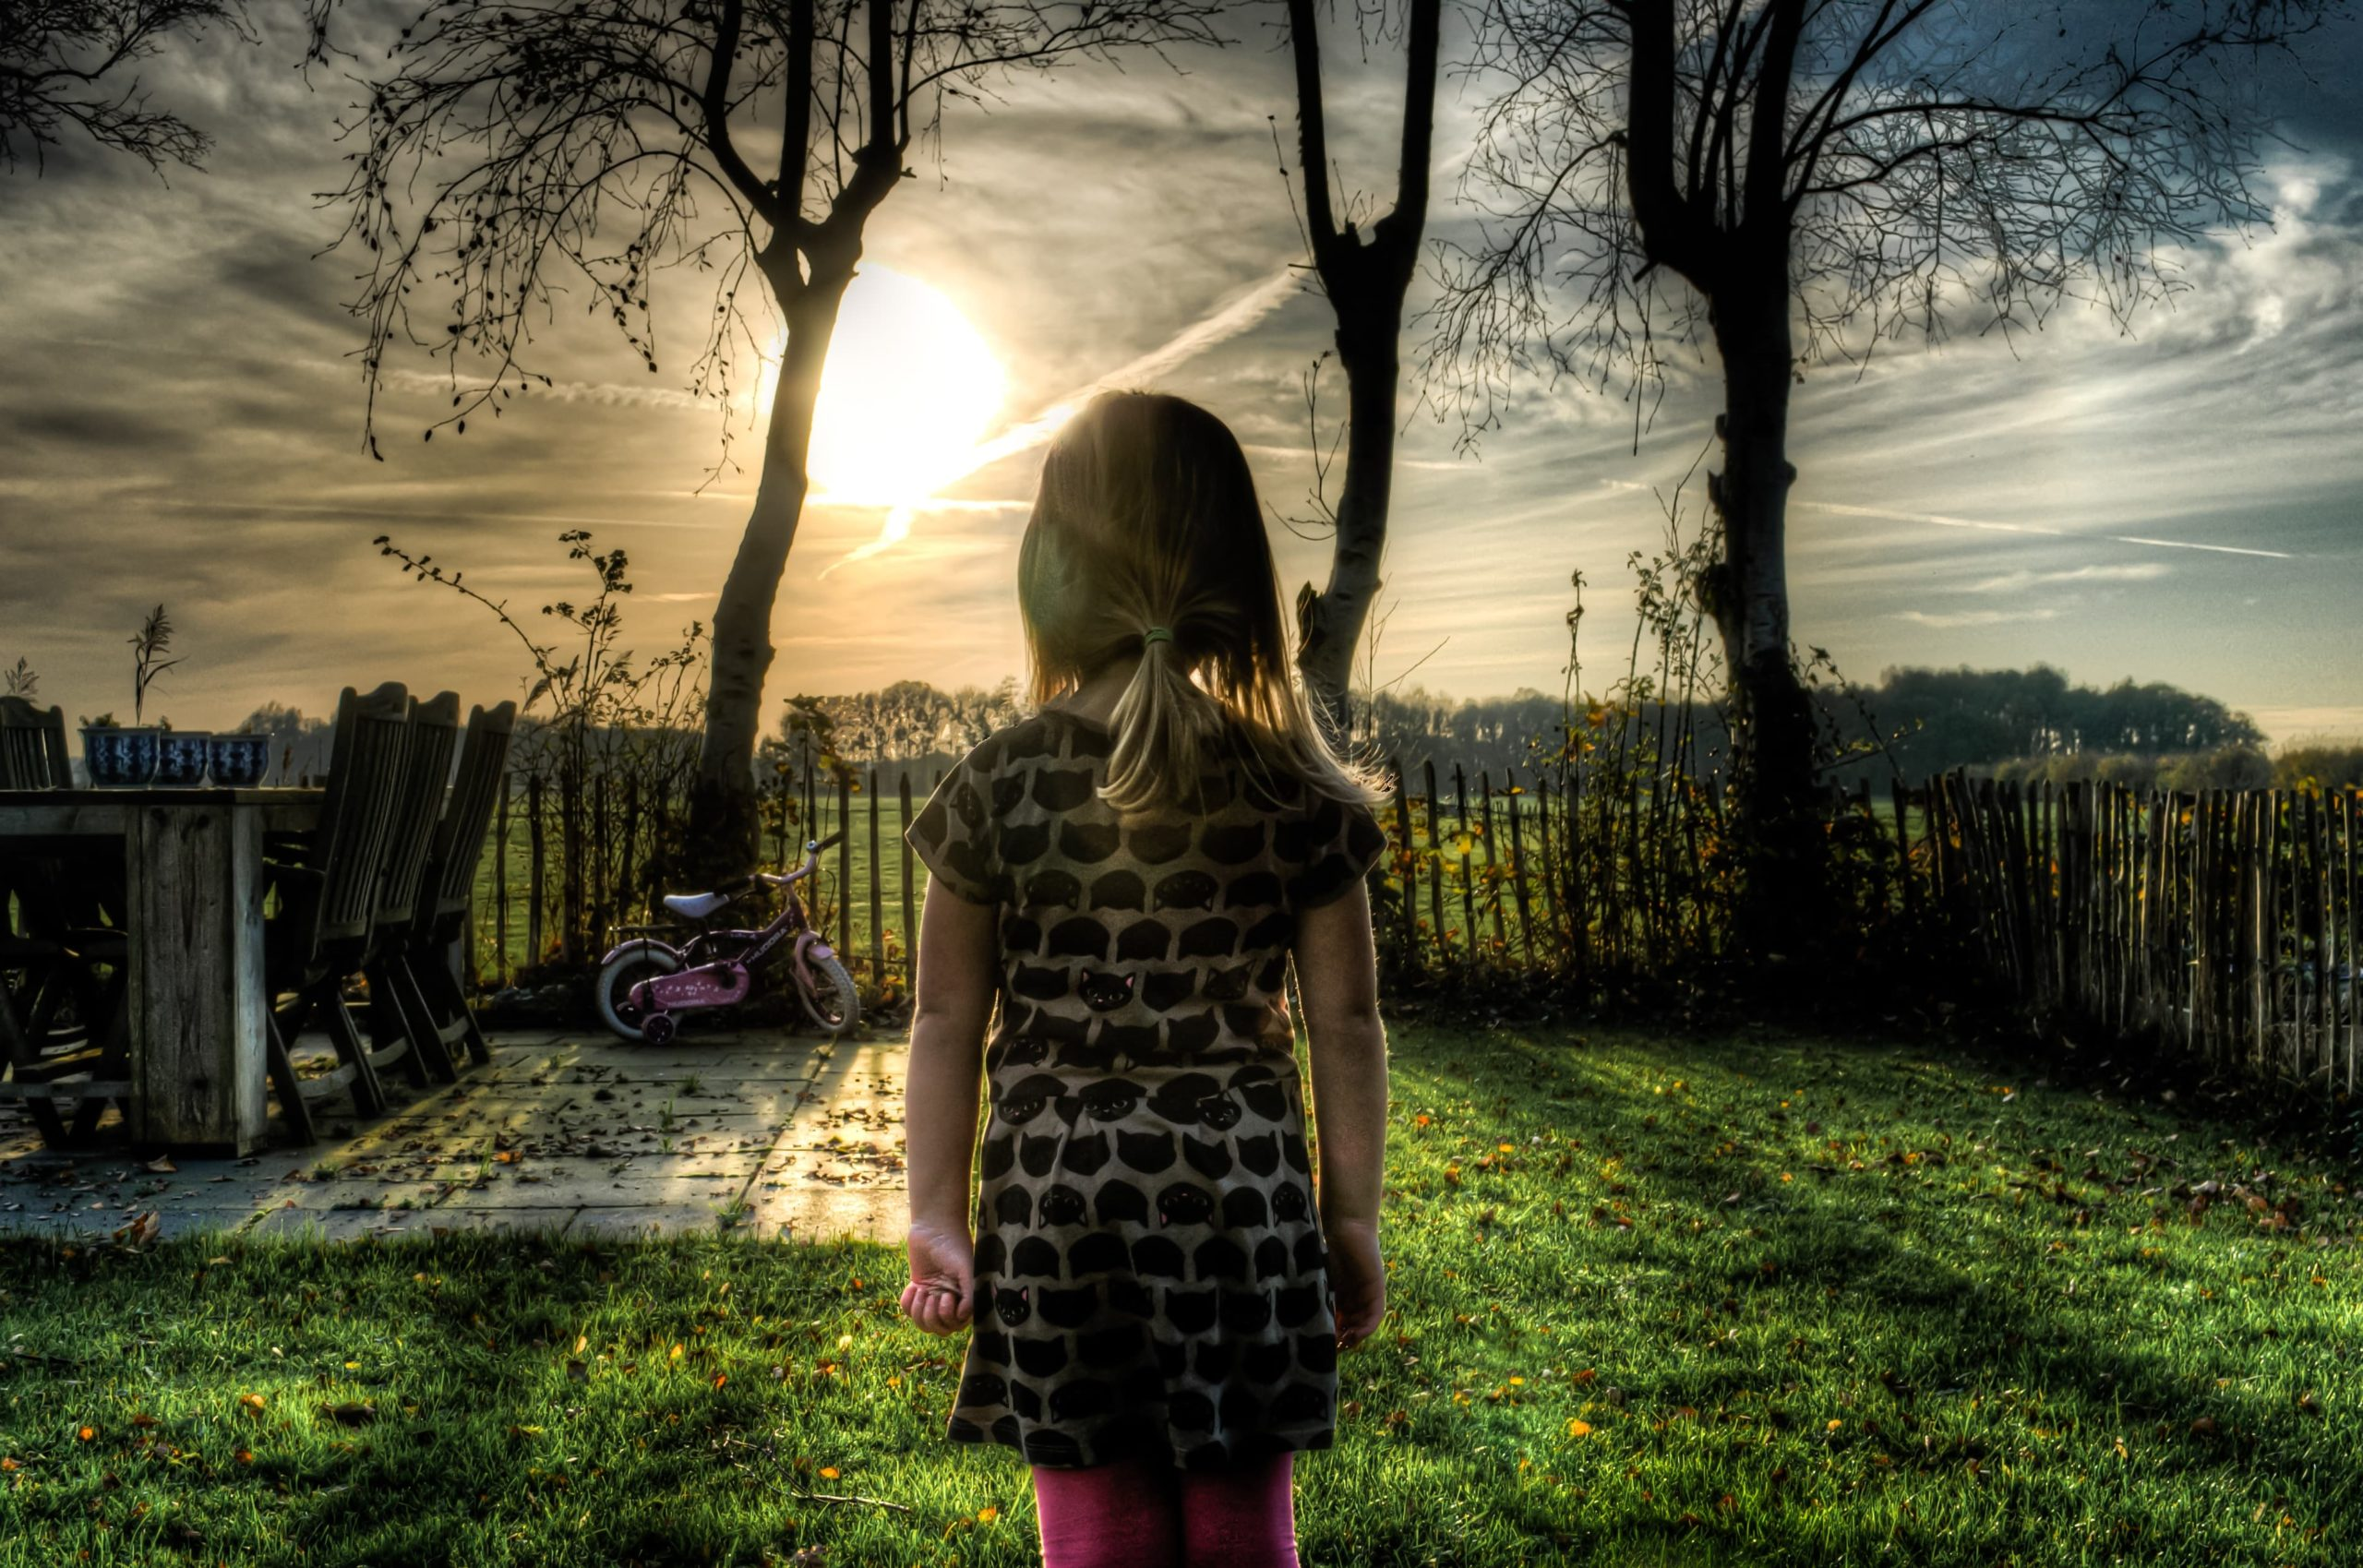 決意とともにじっと立ち、太陽を見つめる女の子